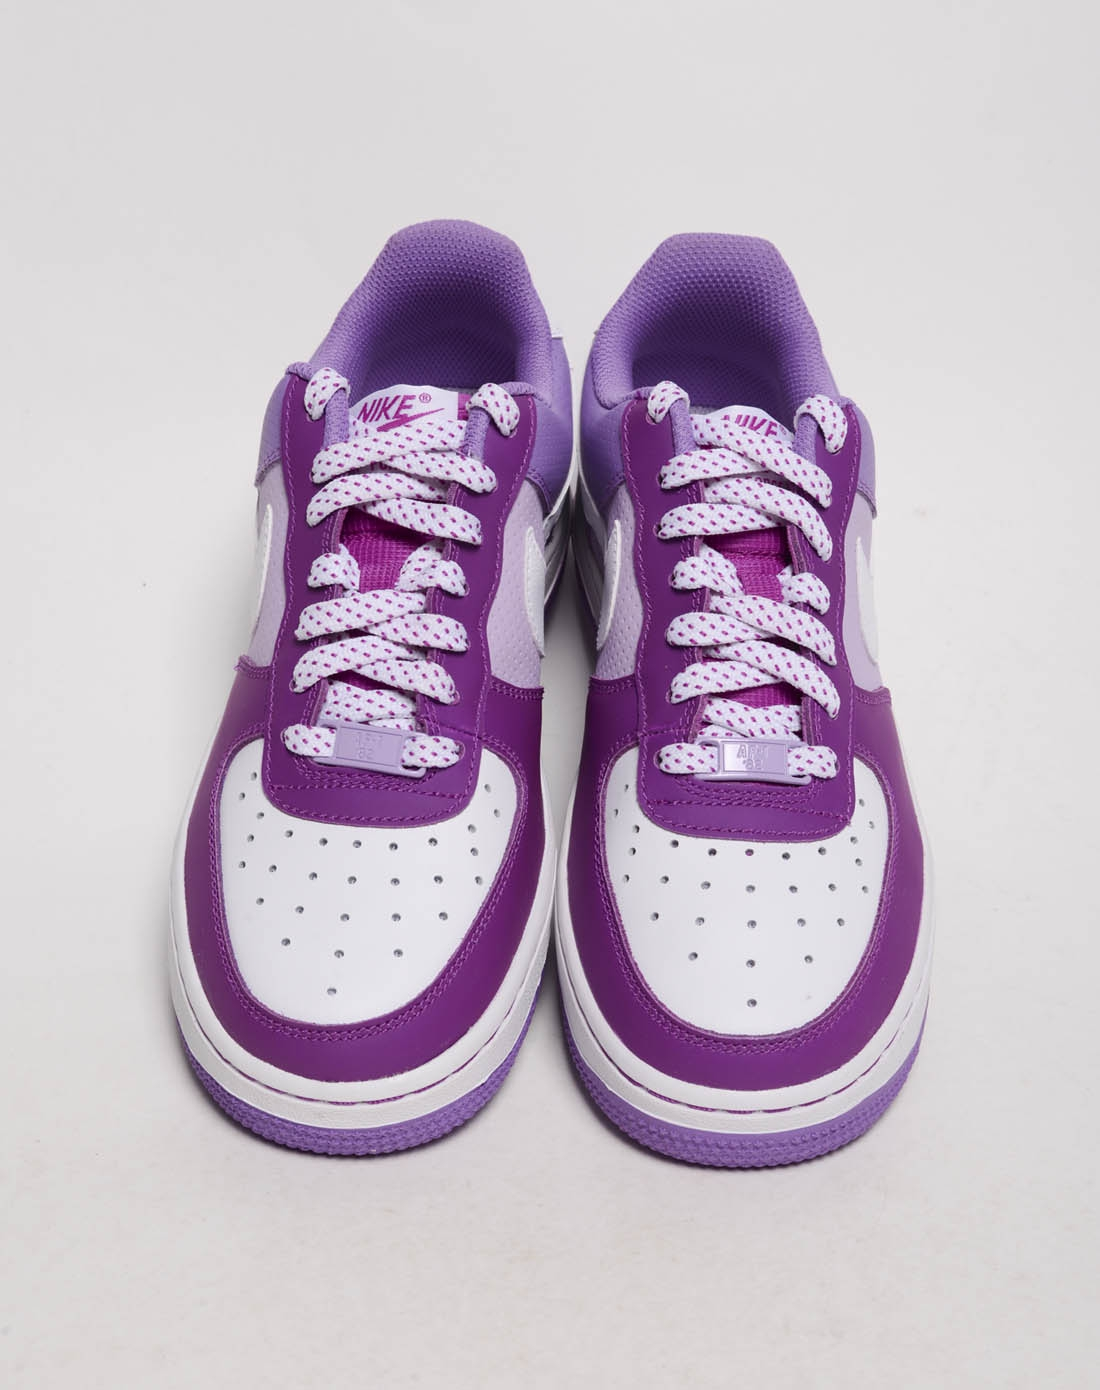 e儿童白/紫色复古鞋314219-115-乐高辛普森 the kwik e mart